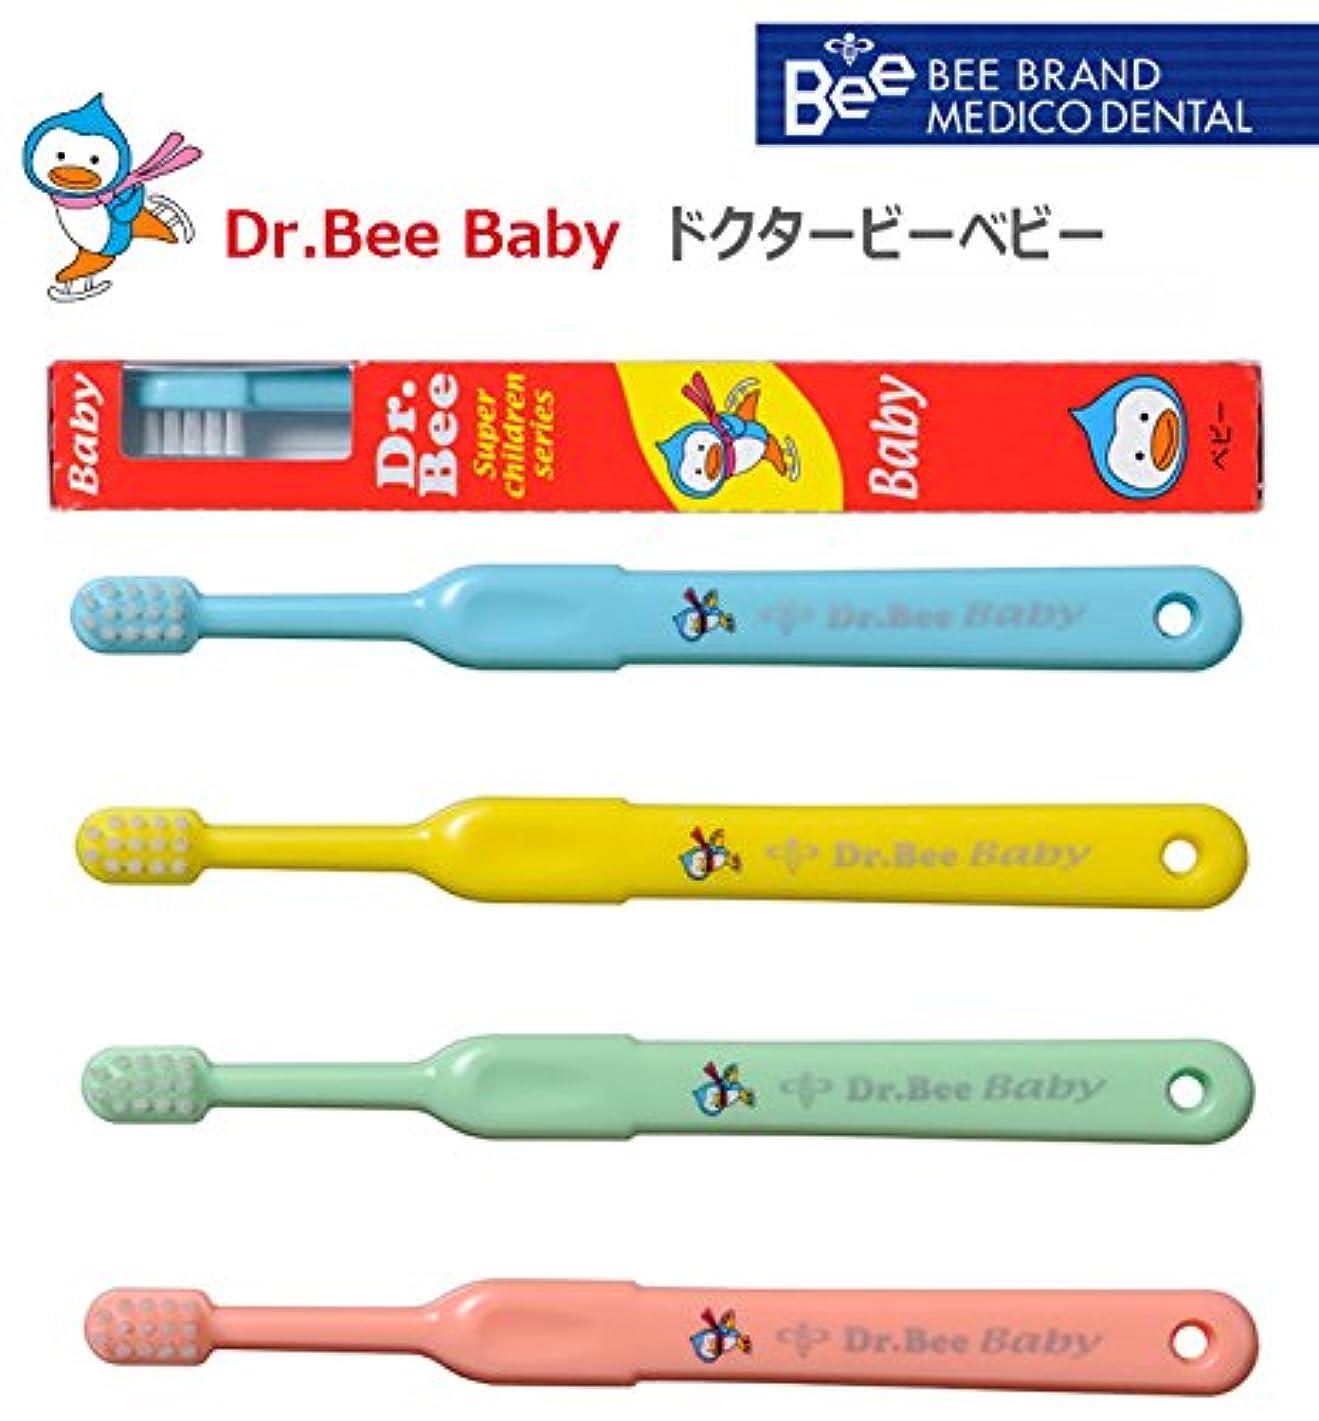 本物の呼吸するインサートビーブランド ドクタービー Dr.Bee ベビー 4色アソート 20本